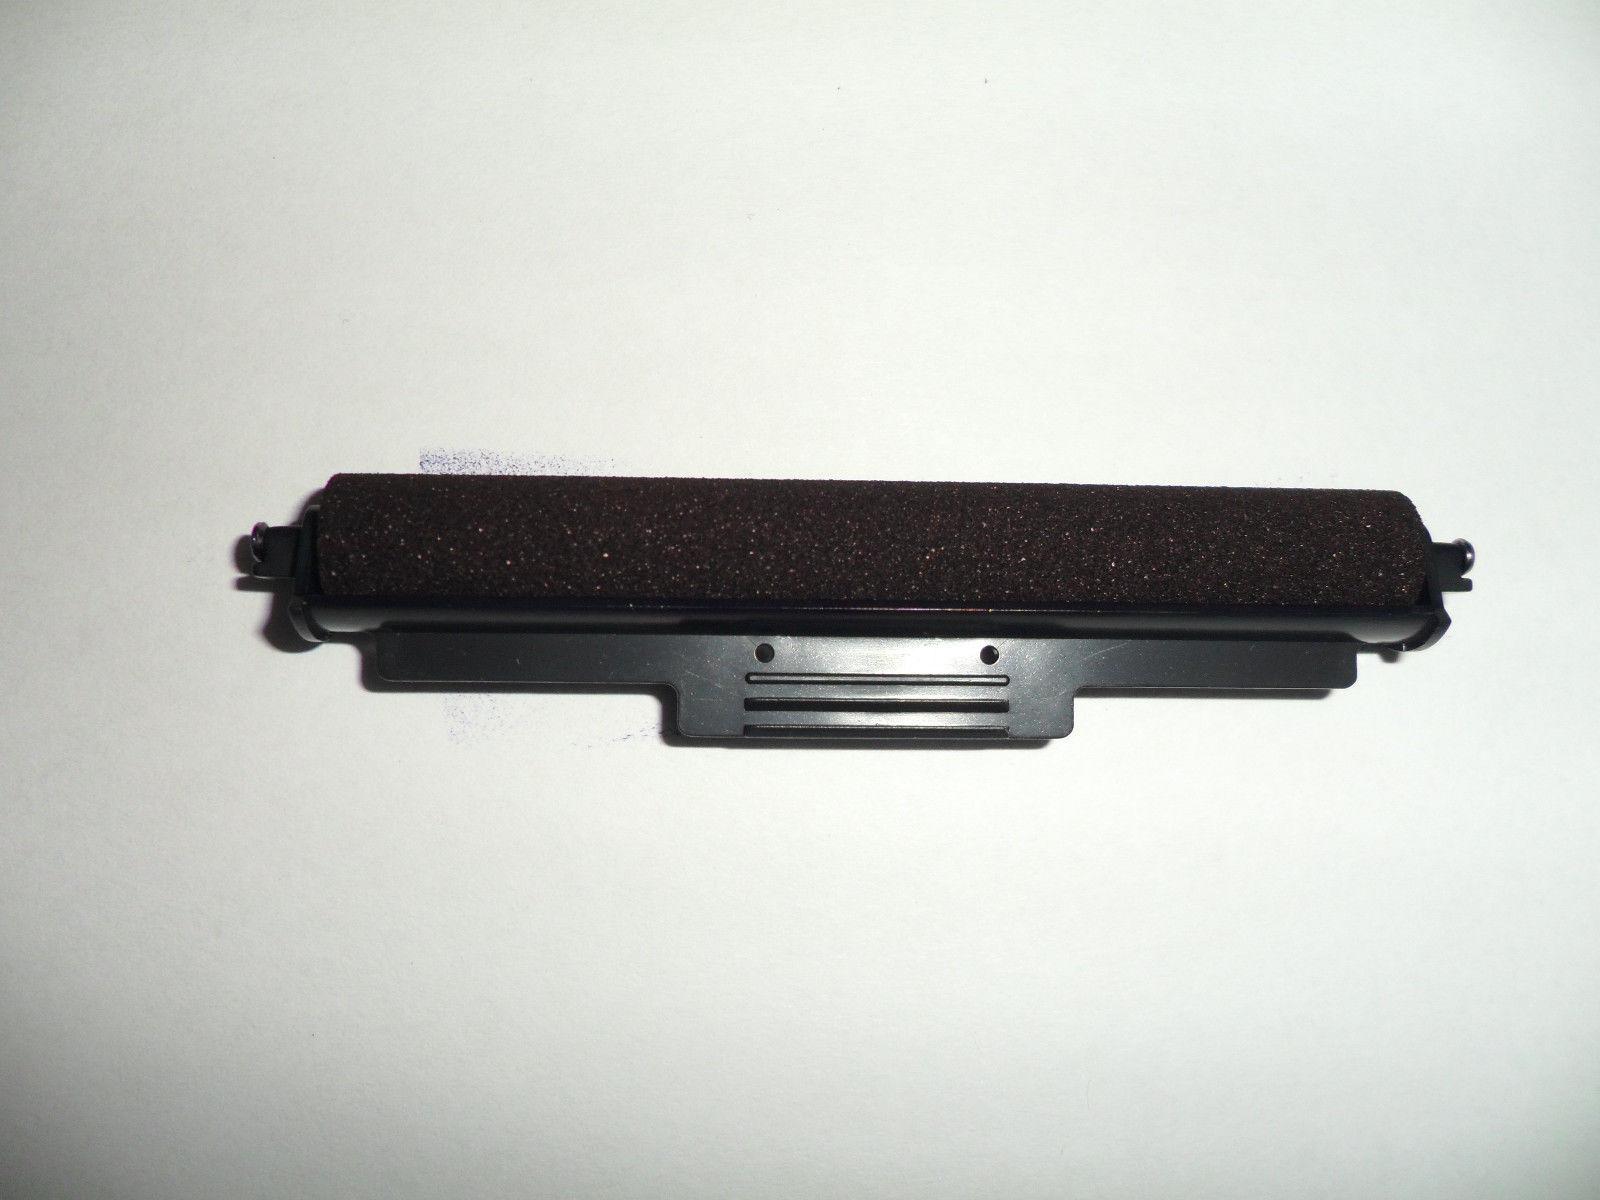 Royal 8160/8160NT/8160NX Cash Register Ink Roller (2 Pack) IR93